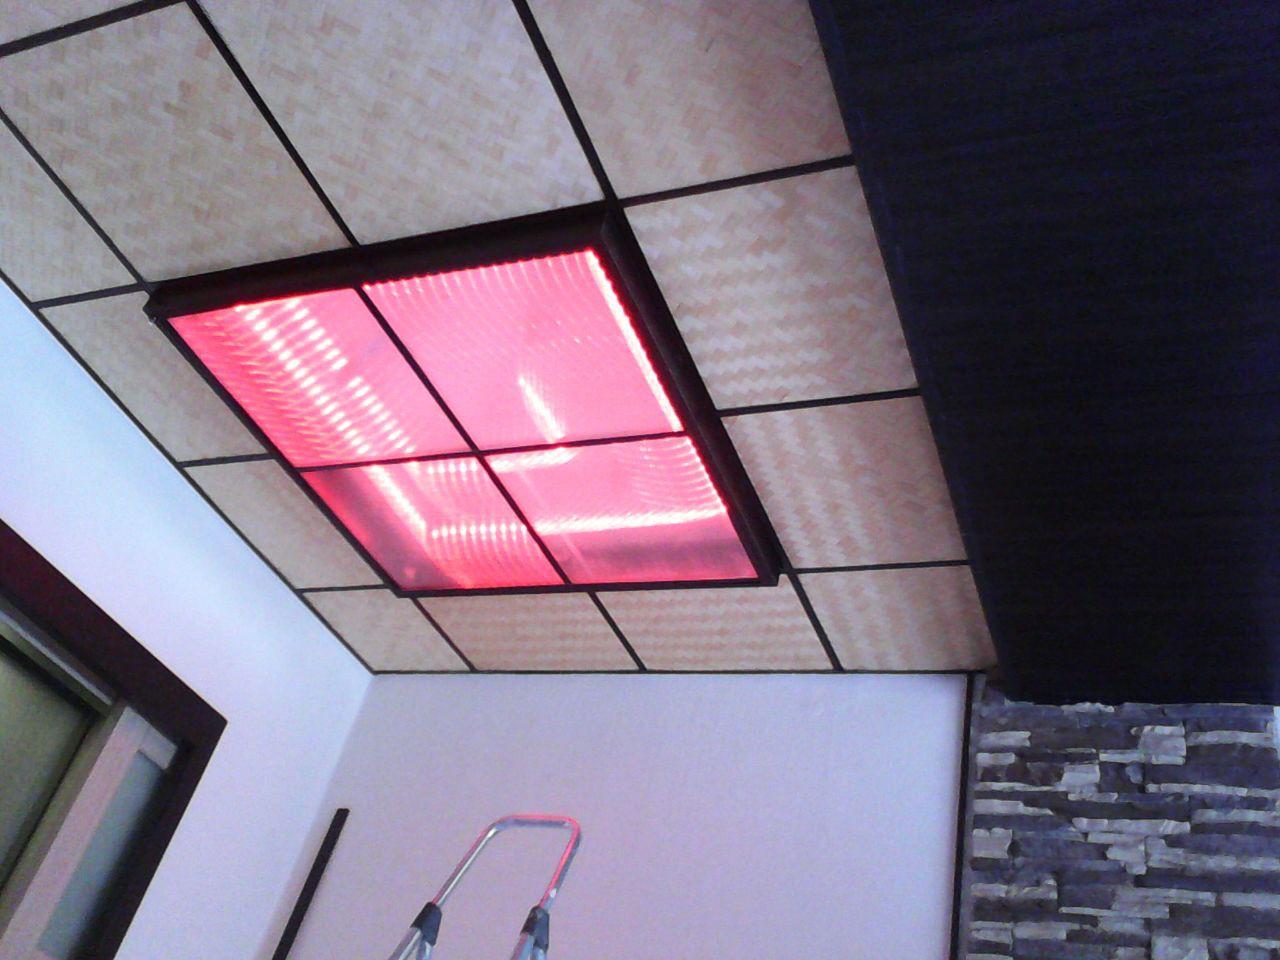 Начиняю всё это дело многоцветной светодиодной лентой с ПДУ, и закрываю потолочным профилем и сотовым поликарбонатом. ремонт, рукожопие, японский стиль